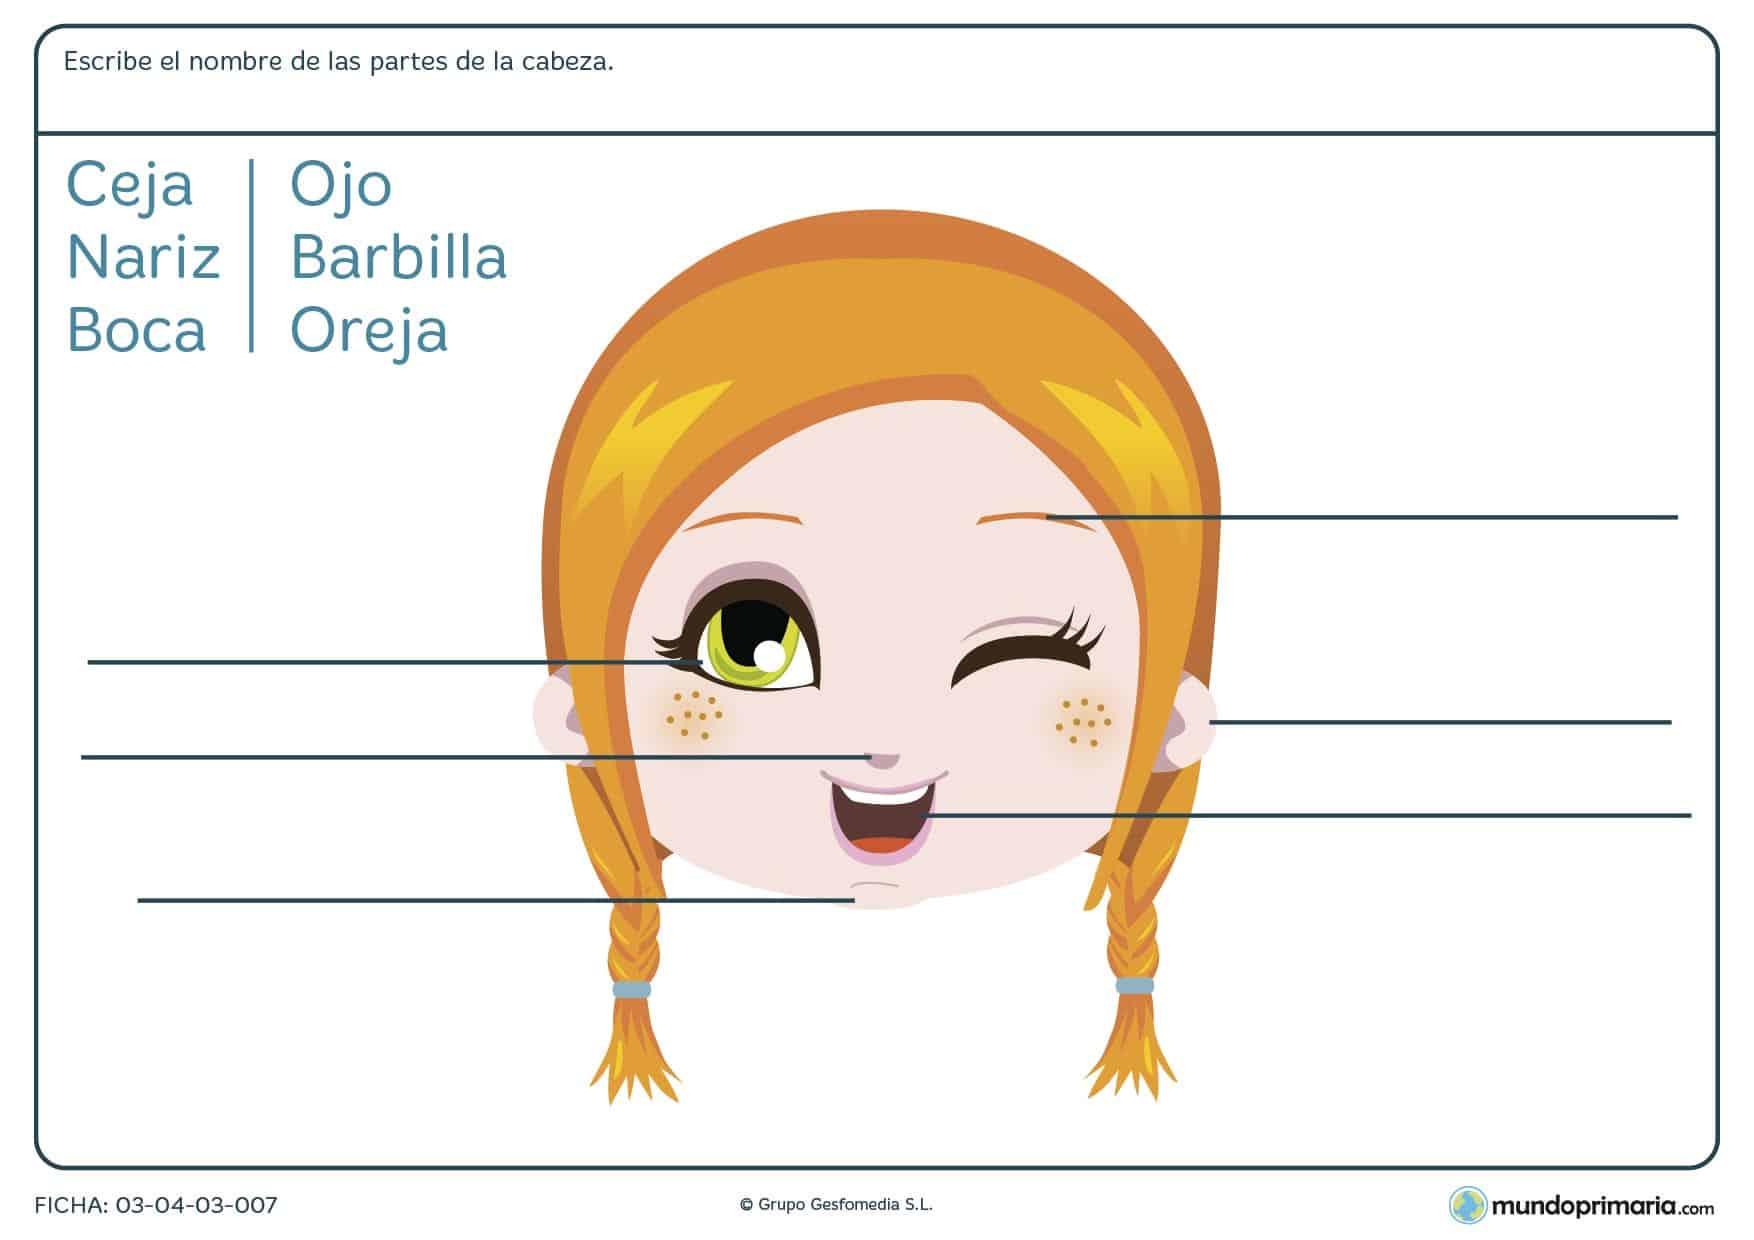 Dibujos De Aplicacio De Partes De La Cara: Dibujos De Partes De La Cara En Ingles